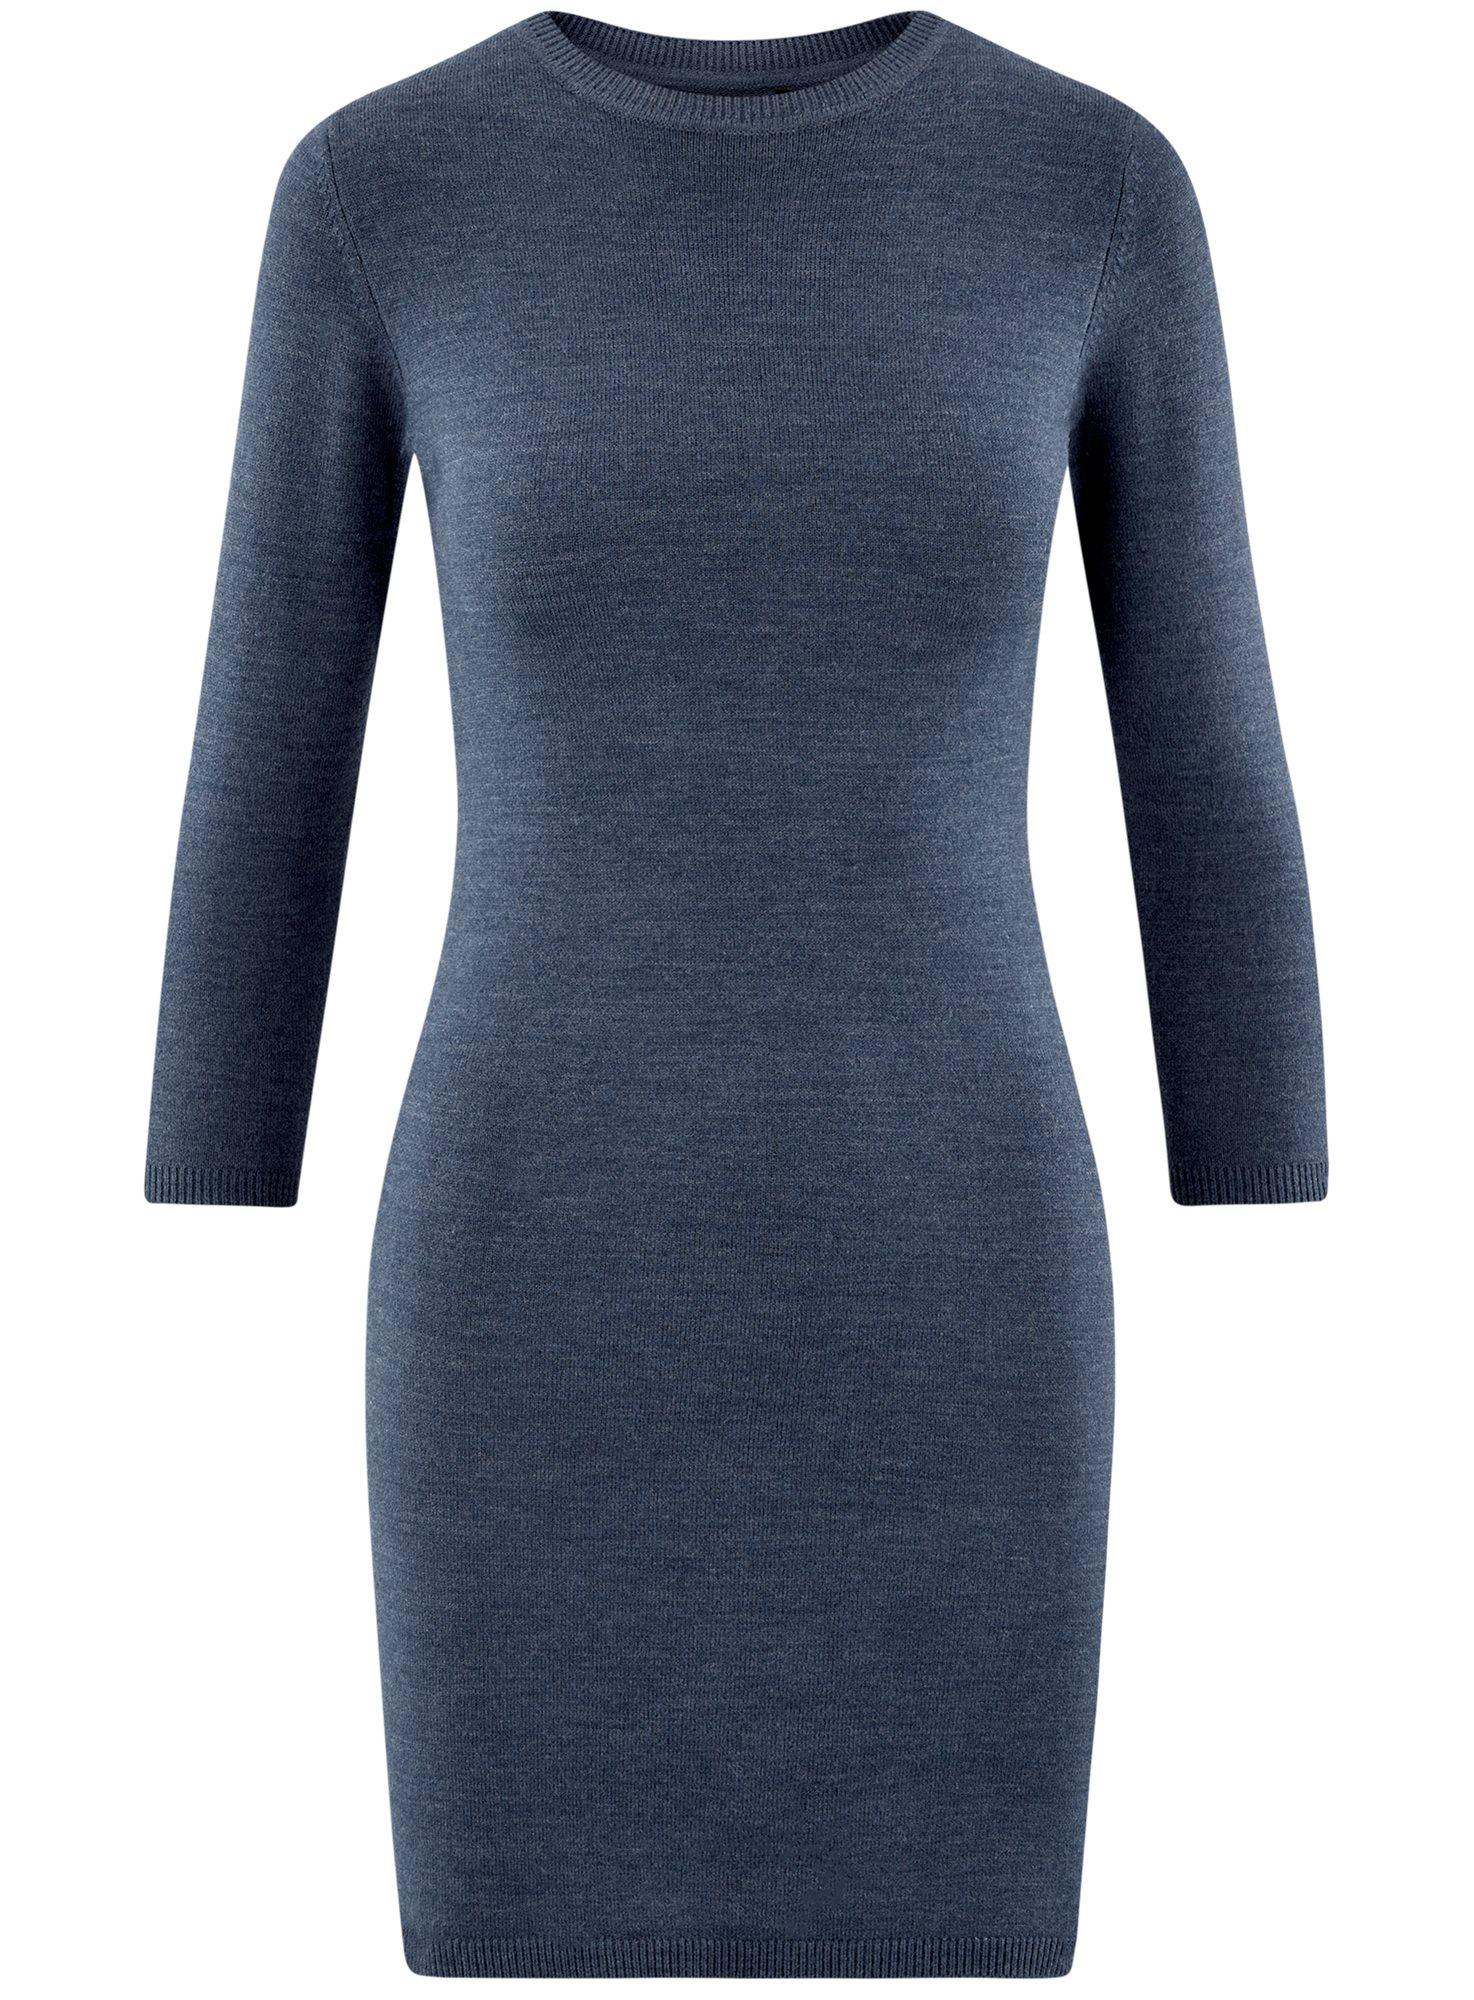 Платье базовое с рукавом 3/4 oodji для женщины (синий), 63912222-1B/46244/7500M